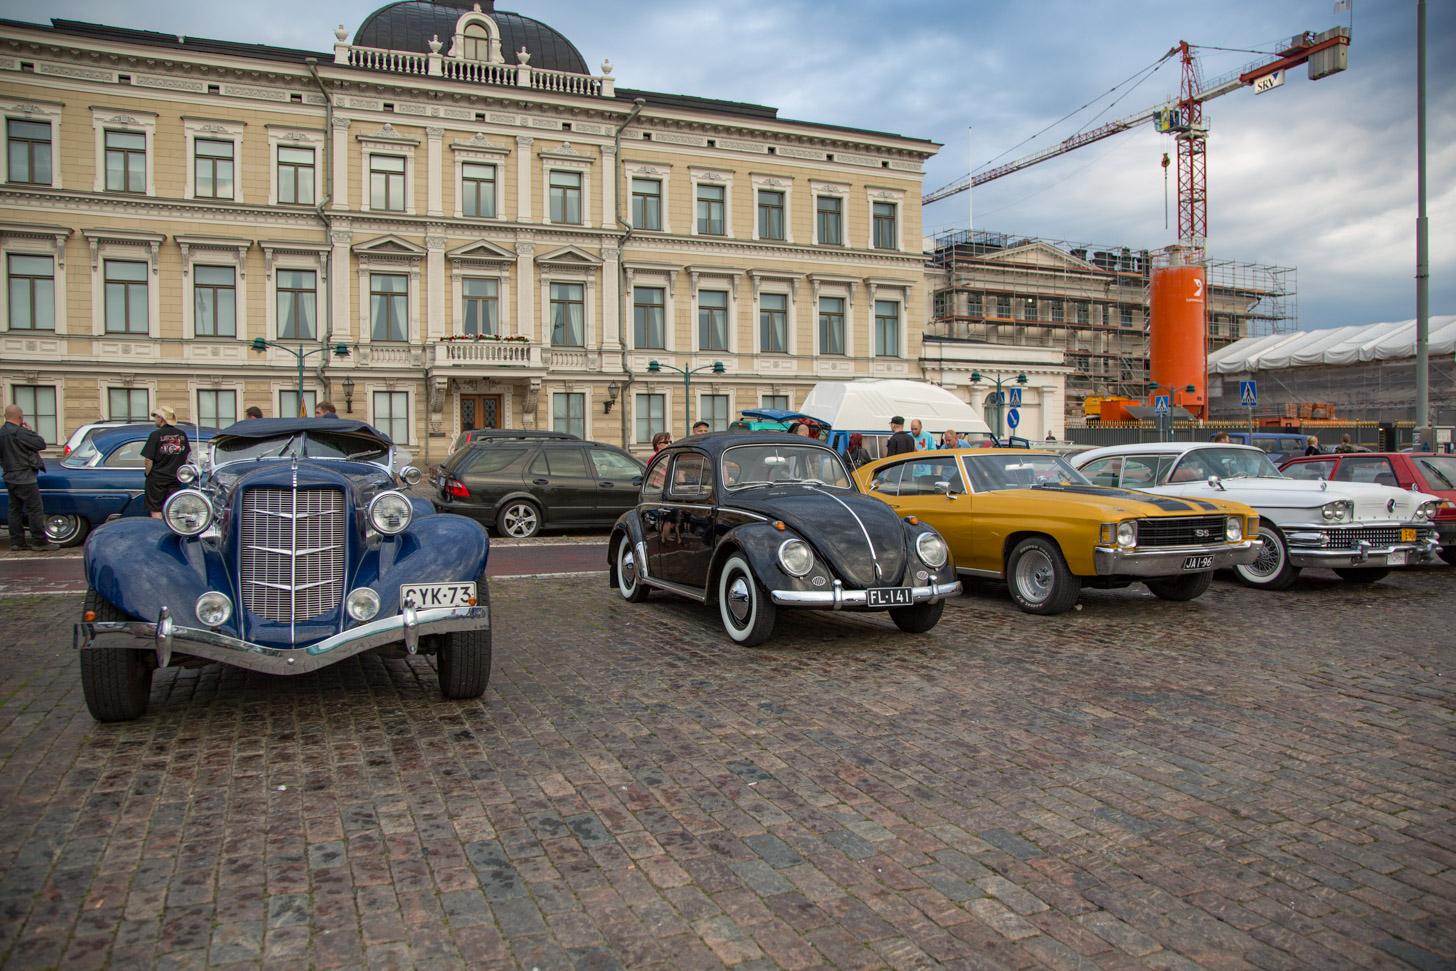 Klassieke auto's op het marktplein van Helsinki